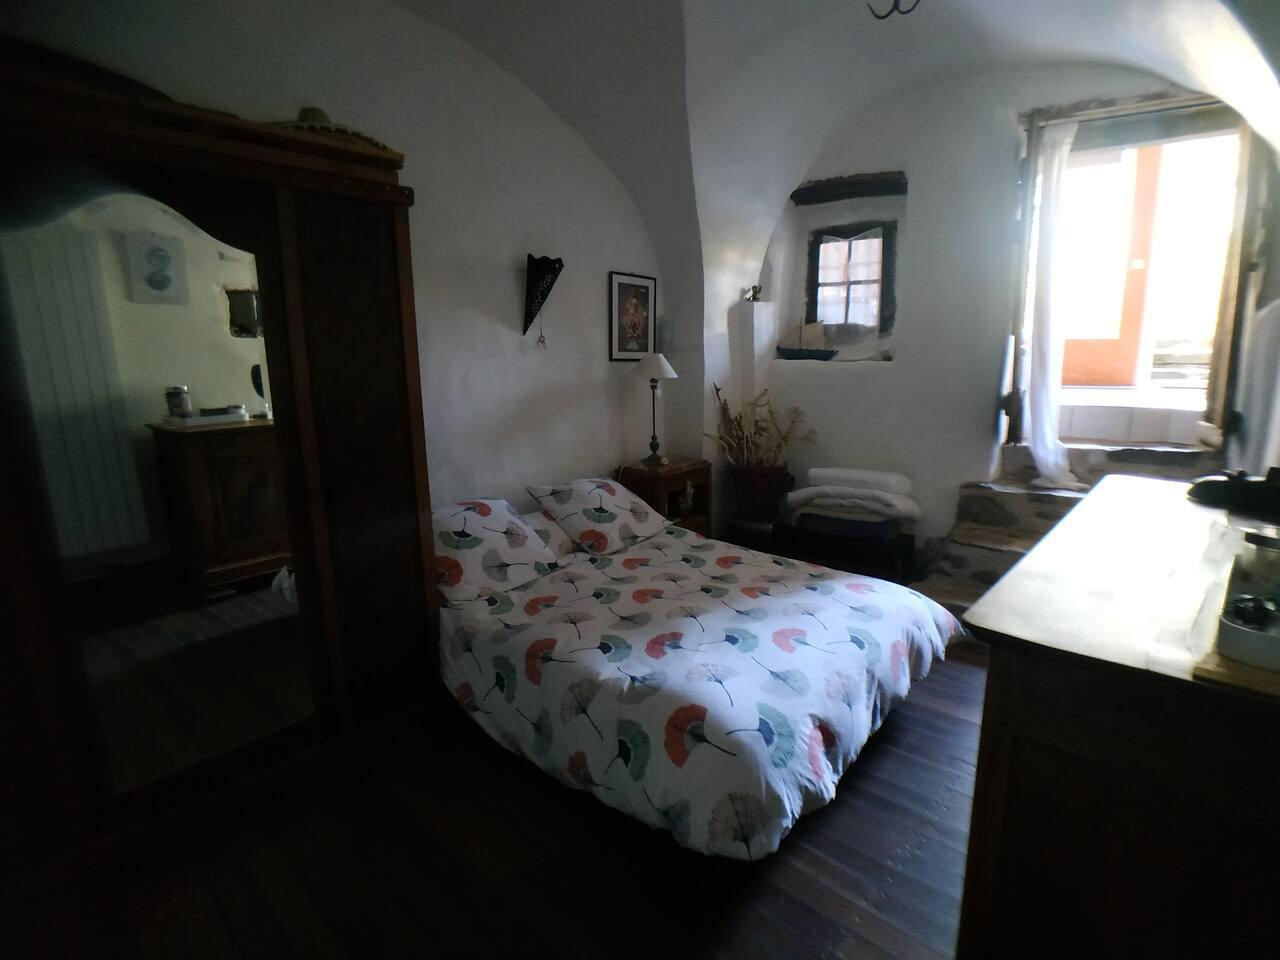 Chambre voûtée avec armoire à glace et portant avec cintres